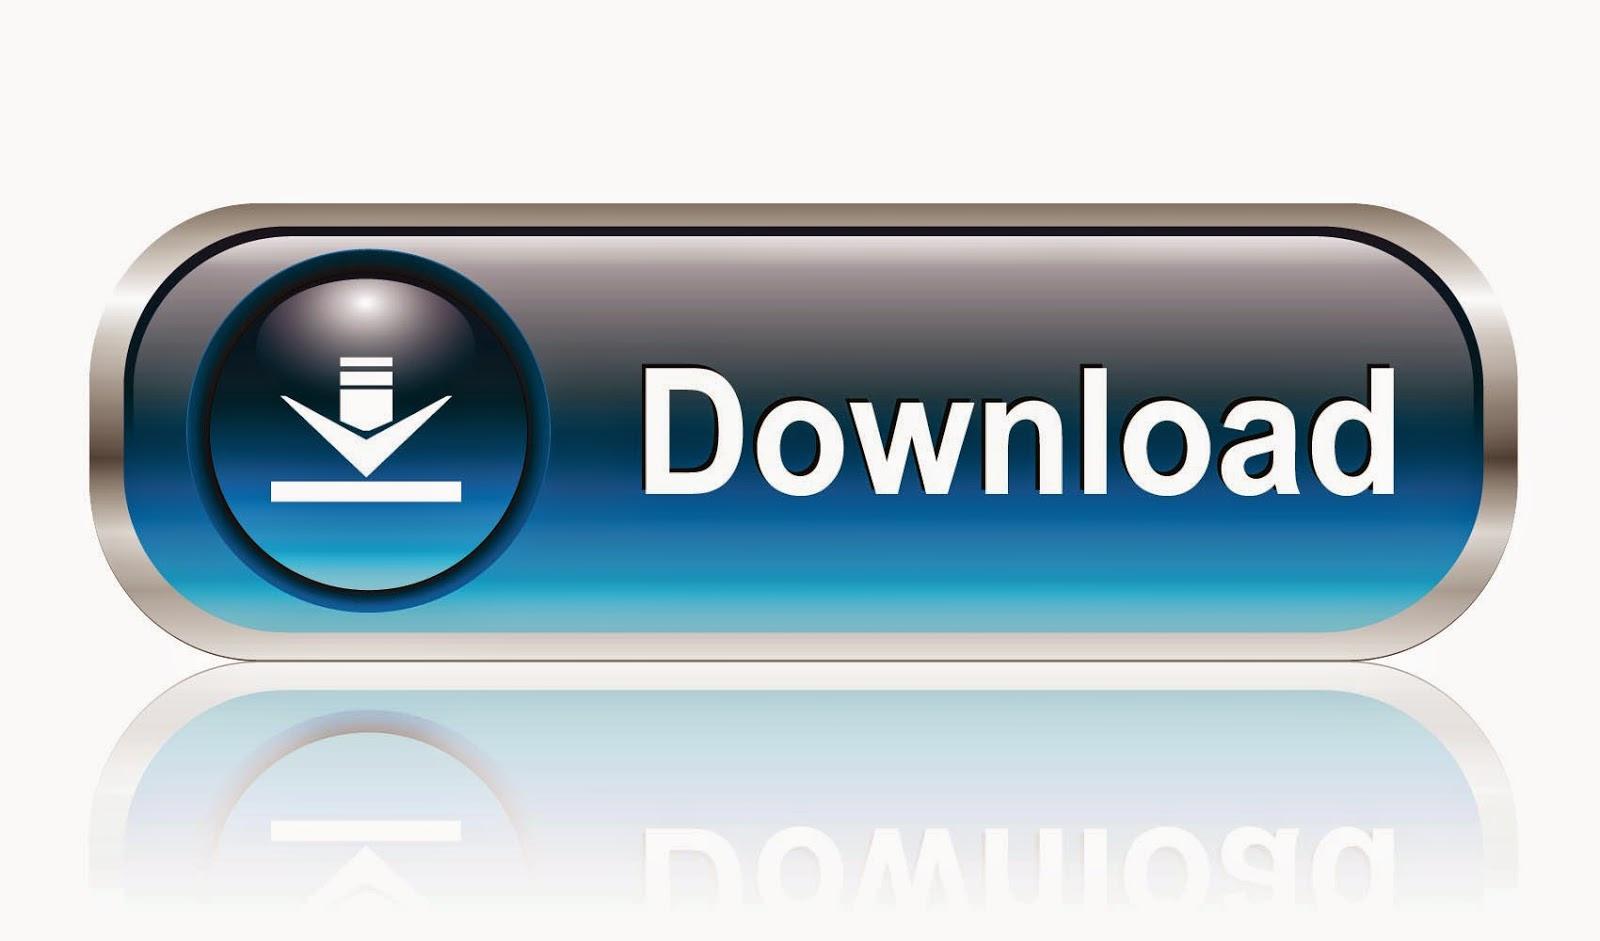 """<img src=""""http://1.bp.blogspot.com/-dSk-5D2Czm8/U1dnvme35kI/AAAAAAAACaE/X-mk8EDQaEg/s1600/unlocker.png"""" alt=""""Unlocker 1.9.1 Portable Free Download"""" />"""